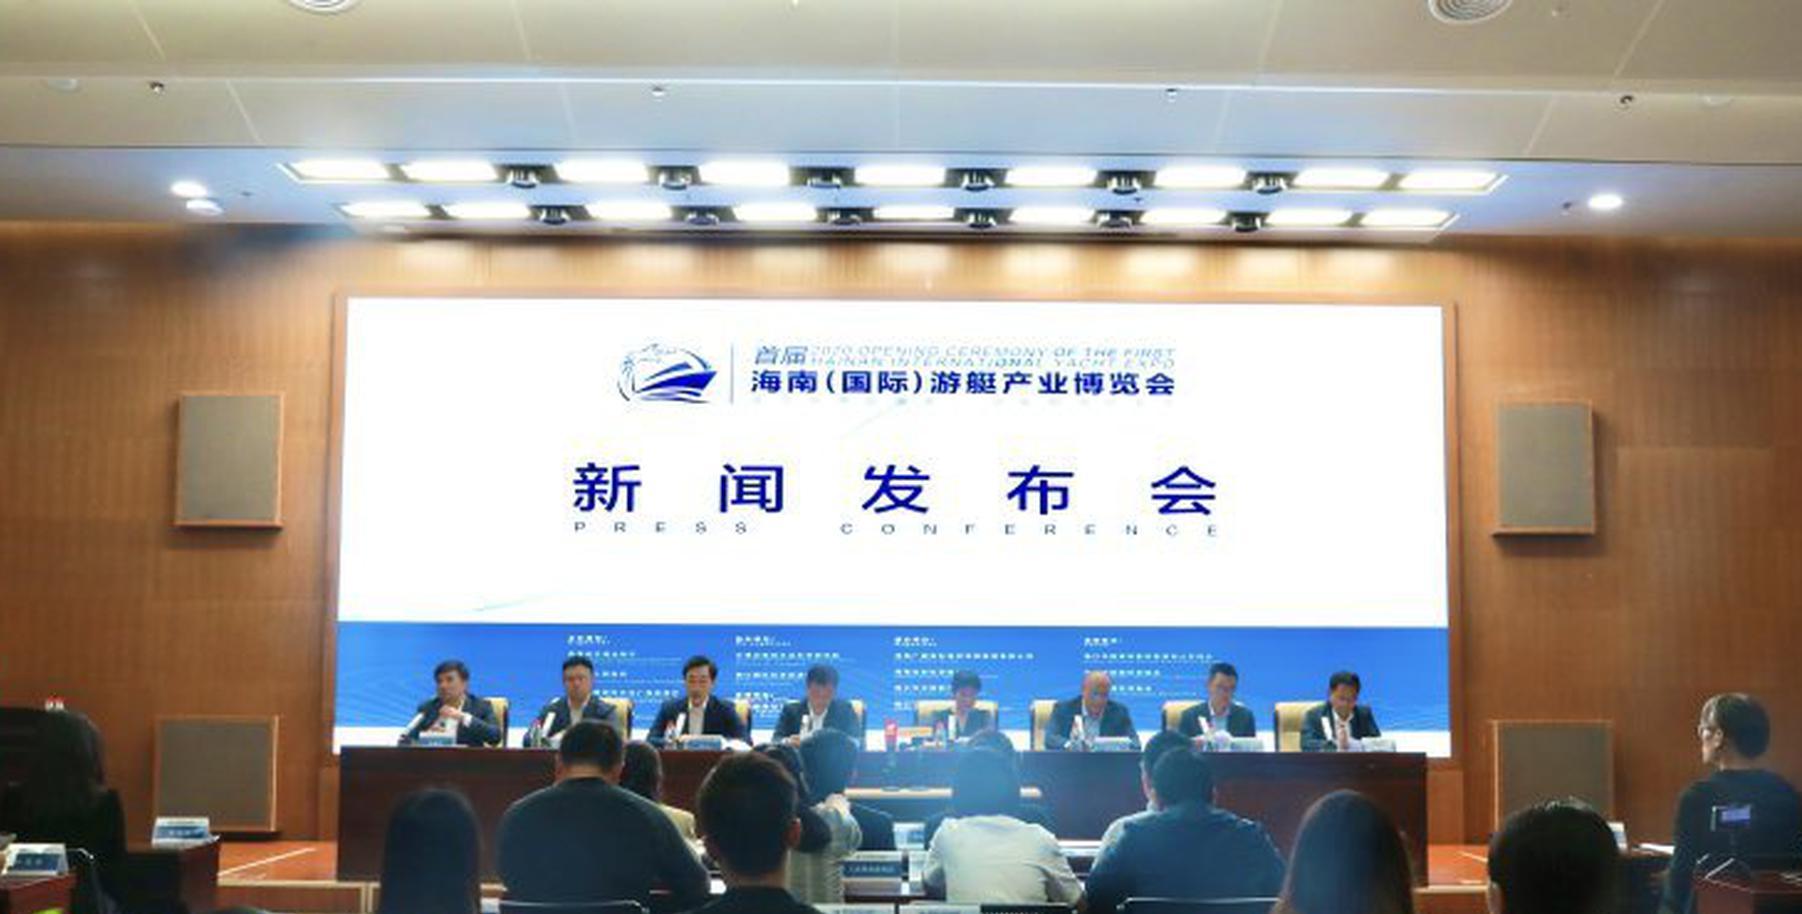 2020首届海南(国际)游艇产业博览会将于12月11日至13日举行